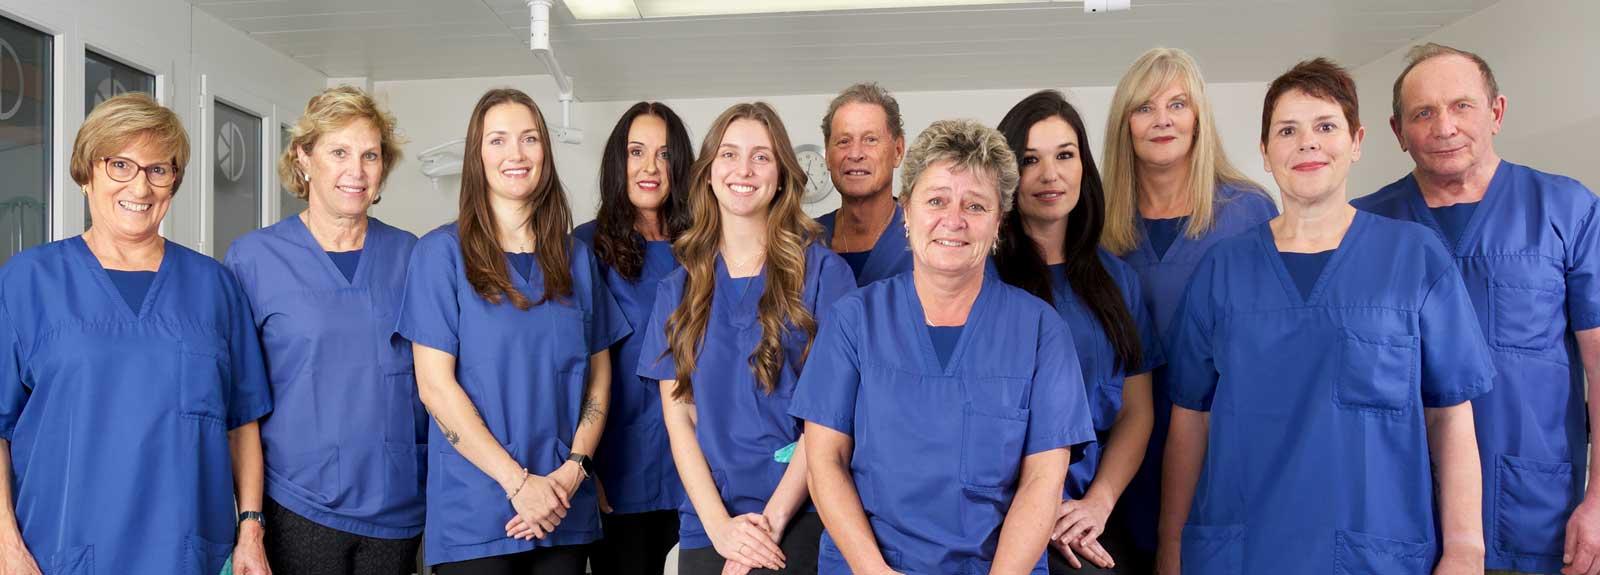 Mitarbeiter der Klinik für Aesthetische Chirurgie Biel